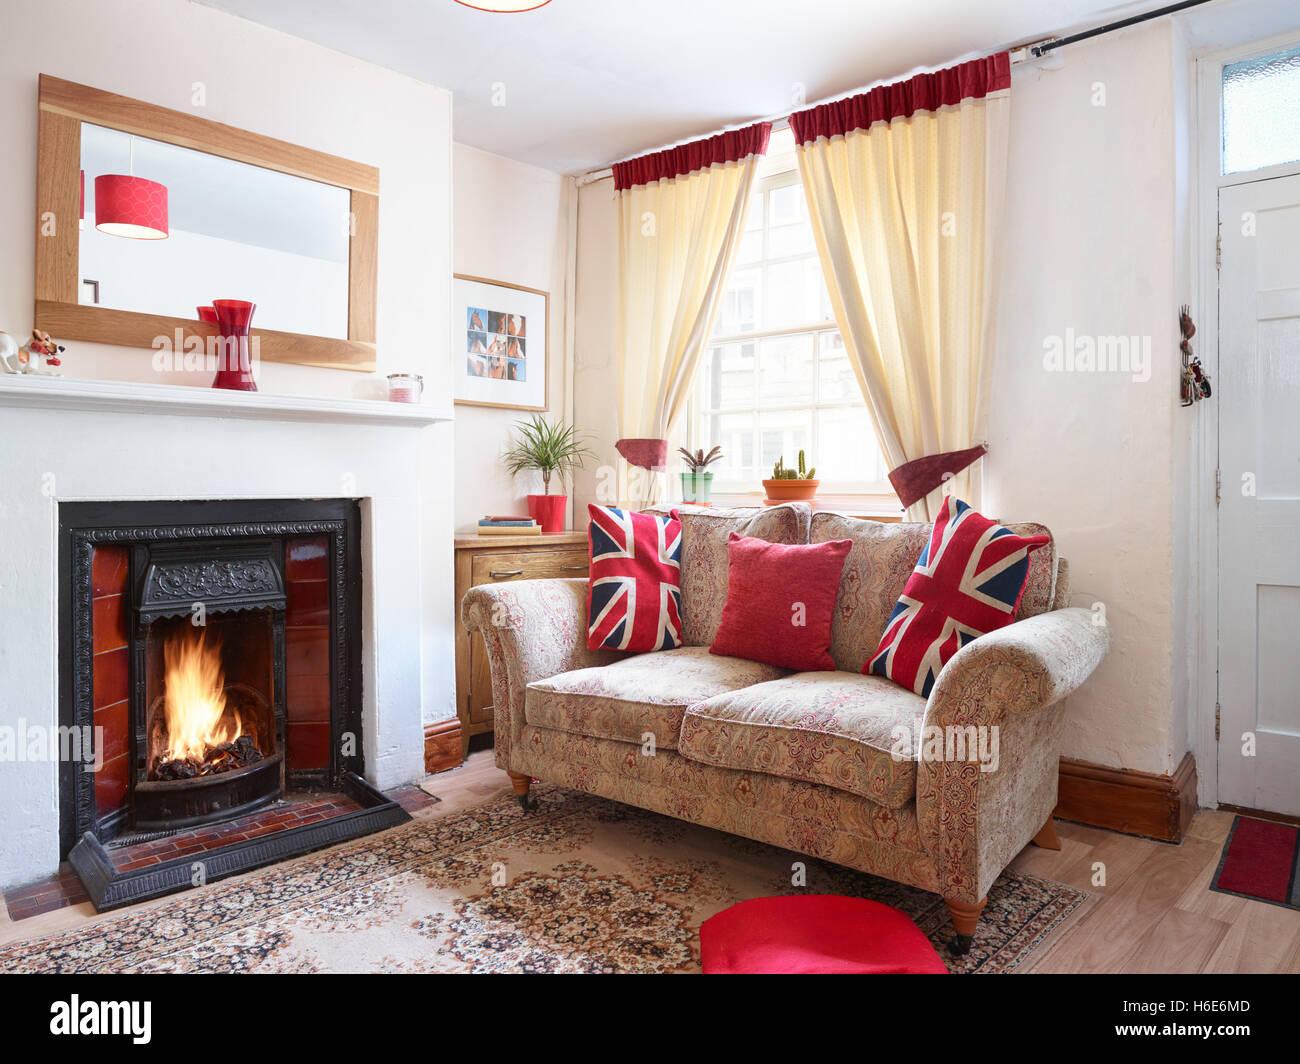 Eine Gemutliche Kleine Britische Wohnzimmer Mit Kamin Und Sofa Mit